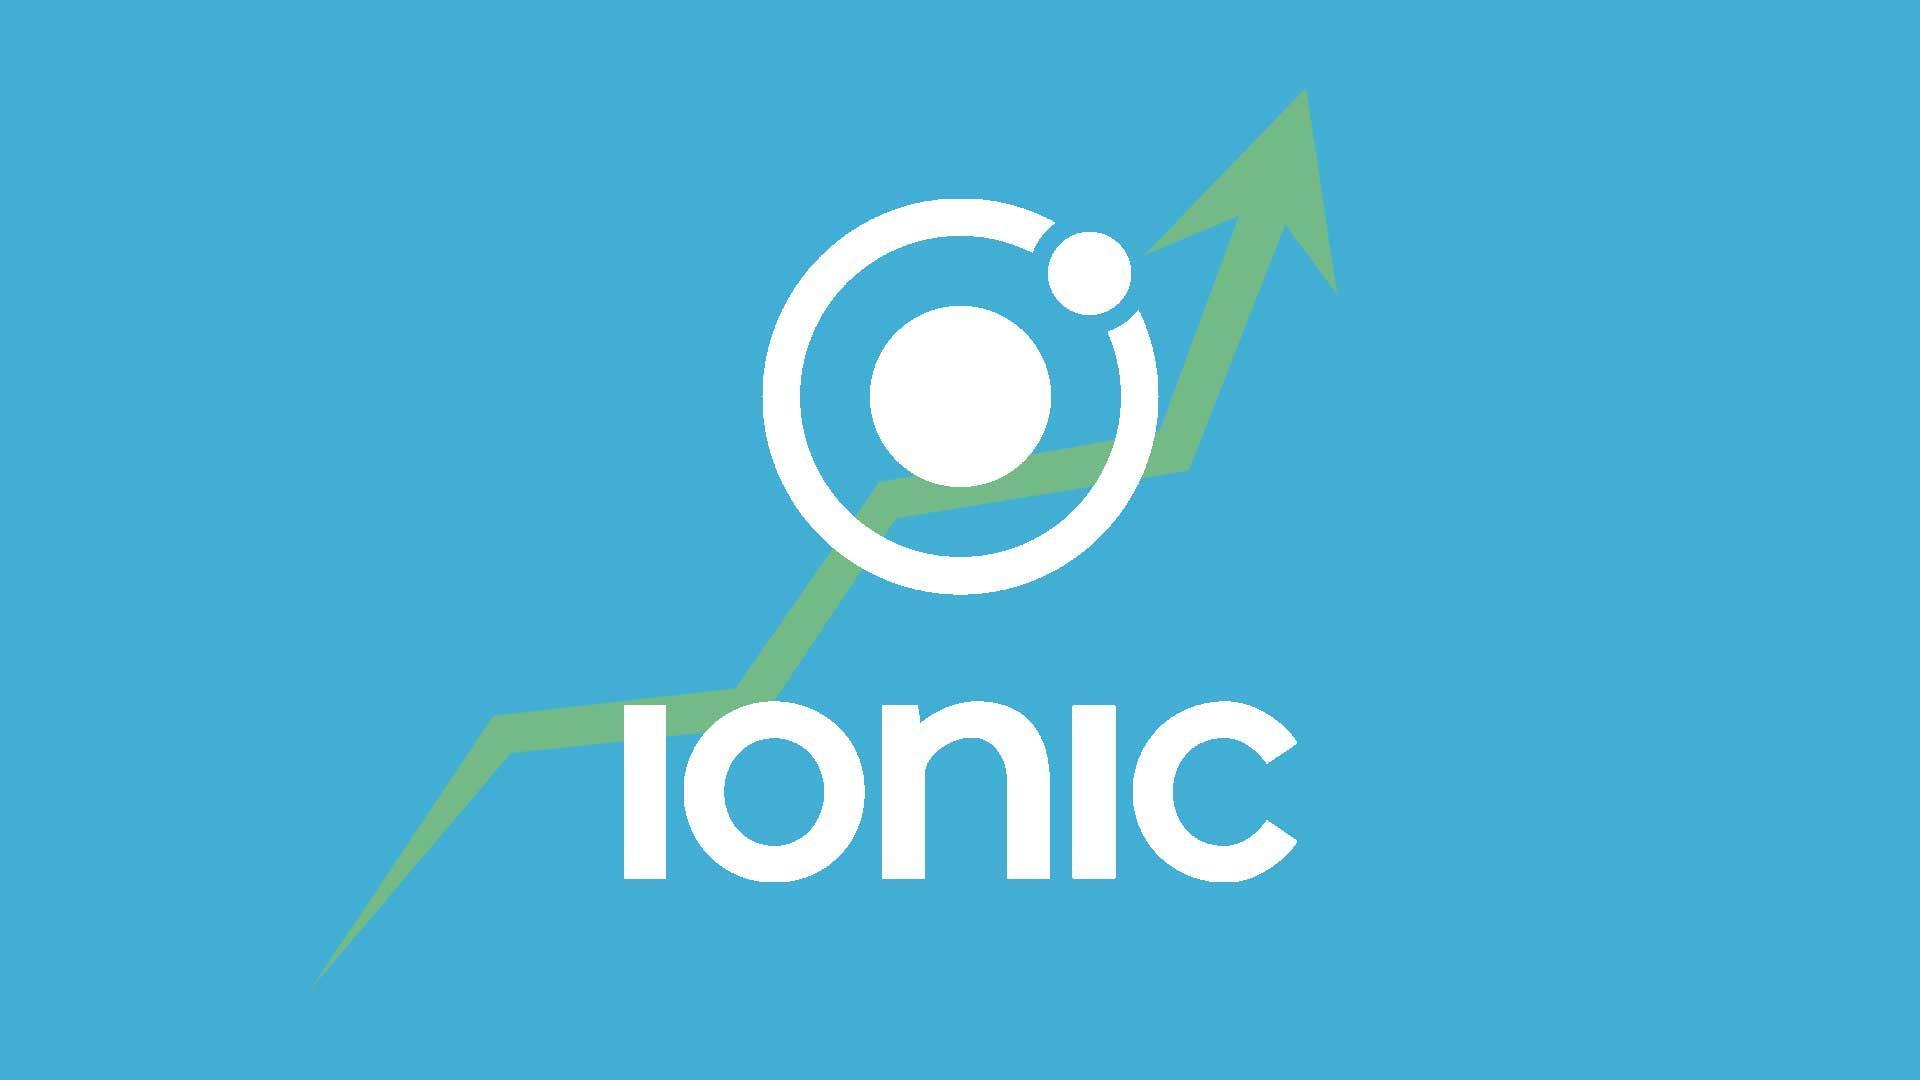 Evoluindo no estudo da utilização de Ionic como framework de App Híbrido